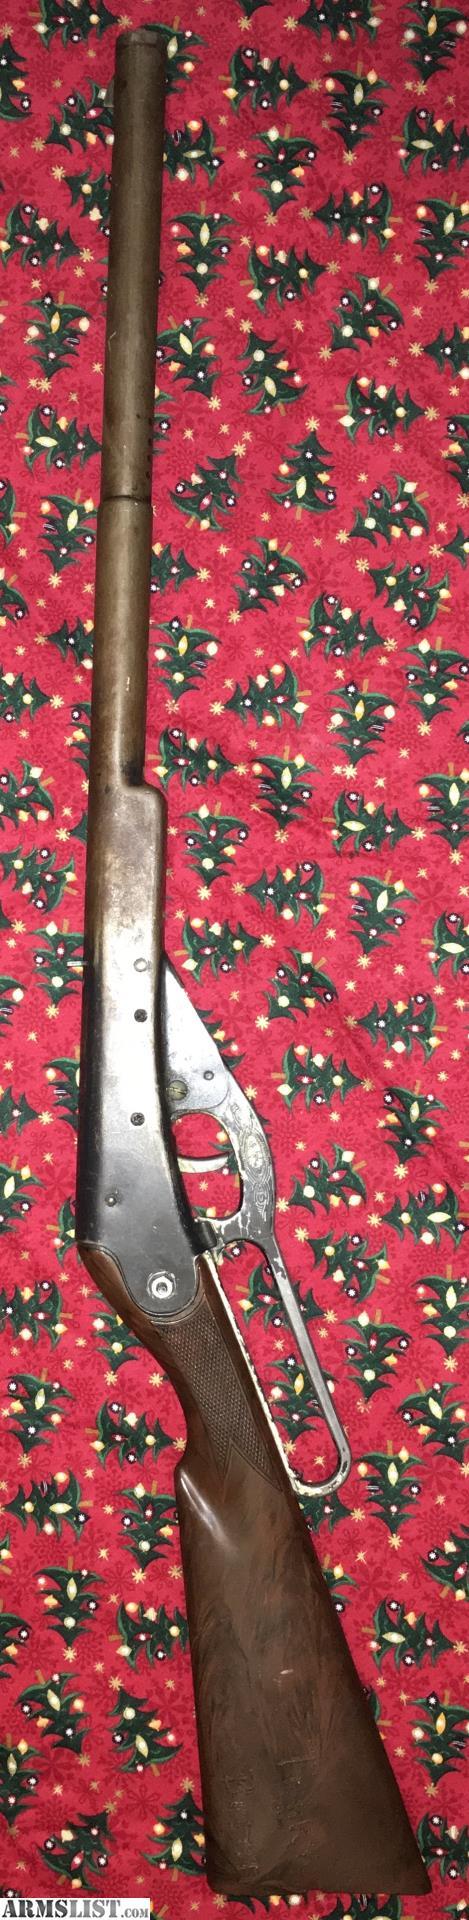 Vintage 36 for sale